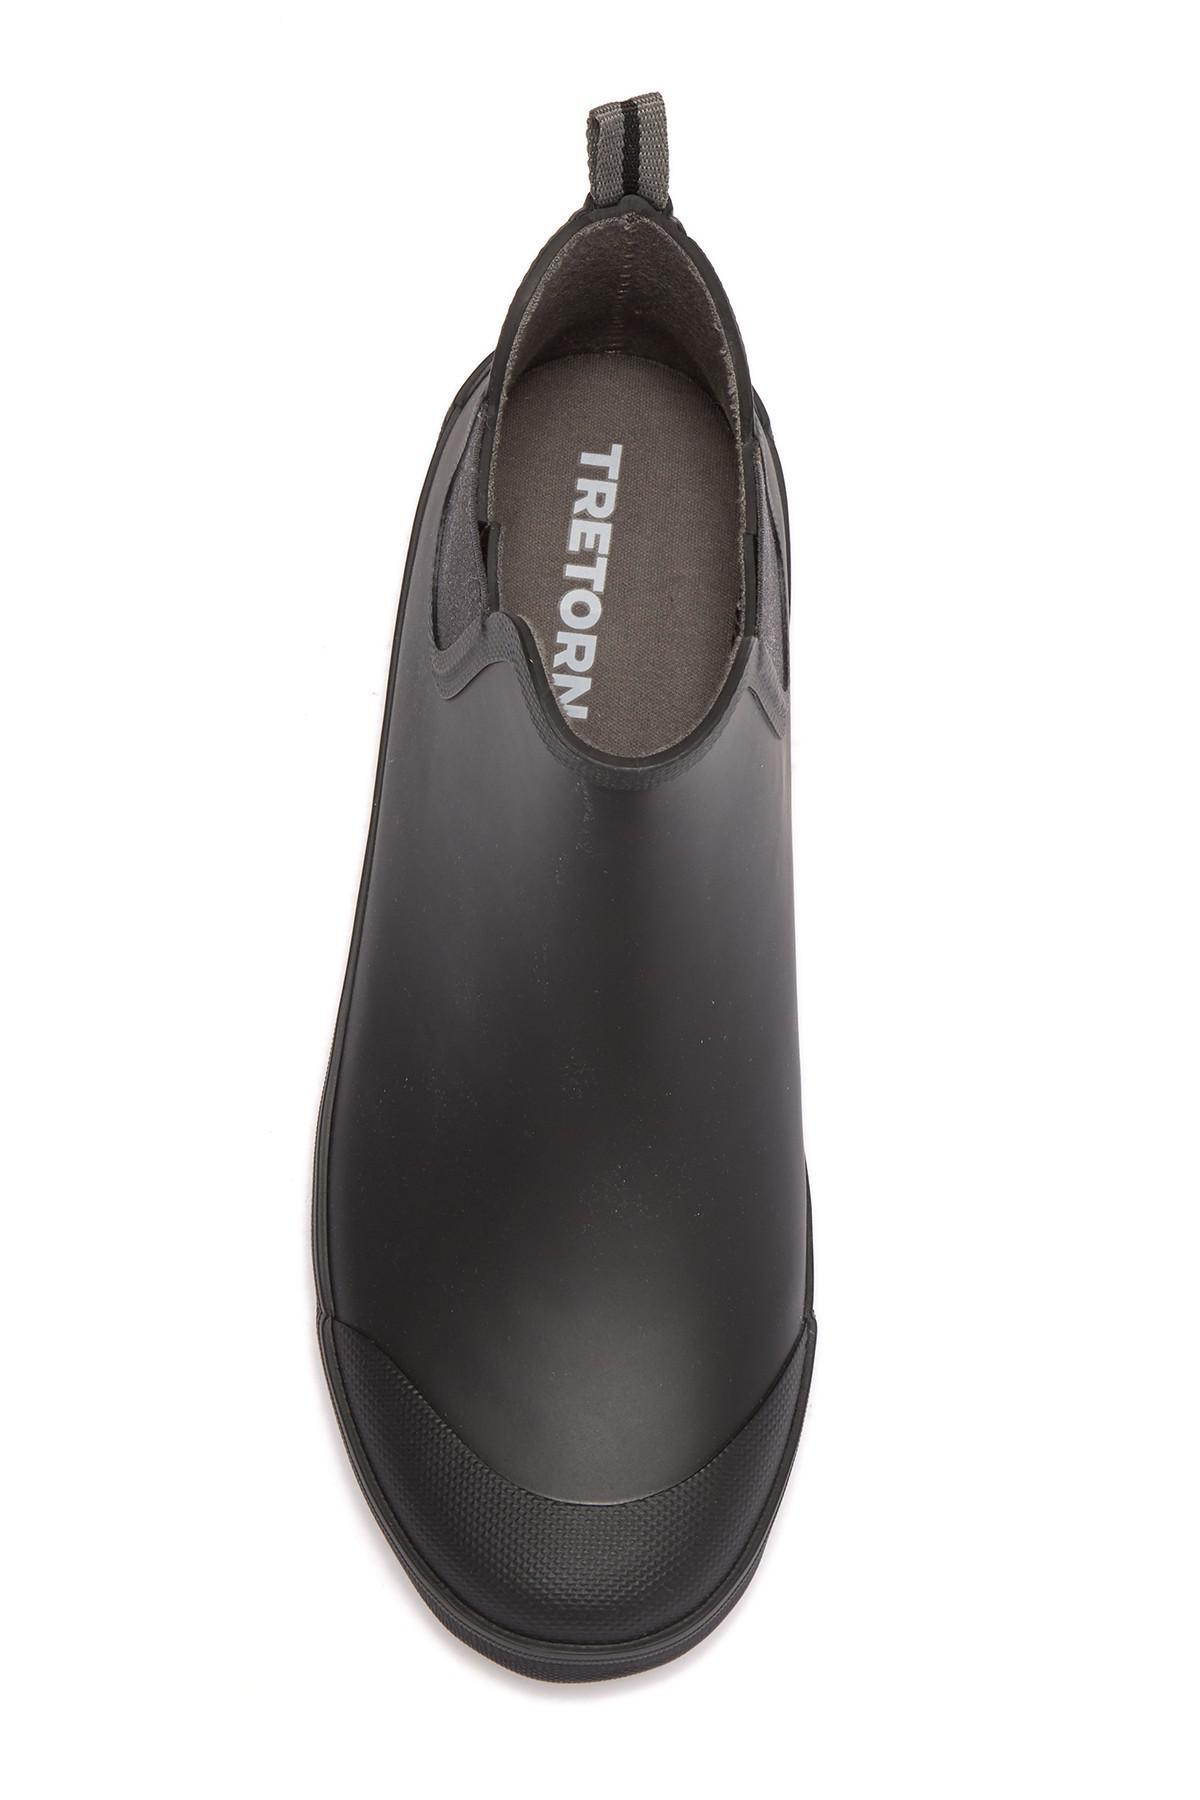 Tretorn Gabe Chelsea Sneaker Boot for